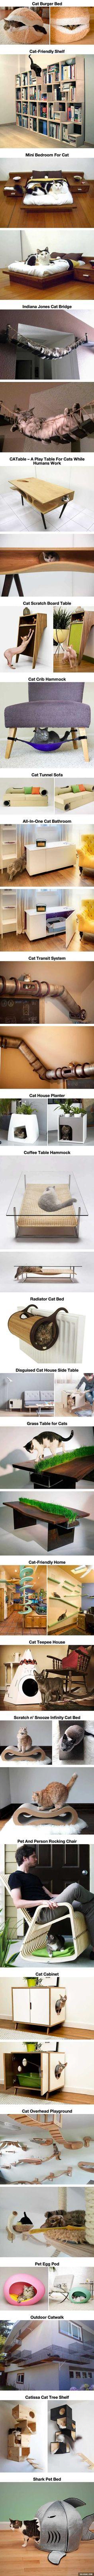 고양이에게 필요한 가구